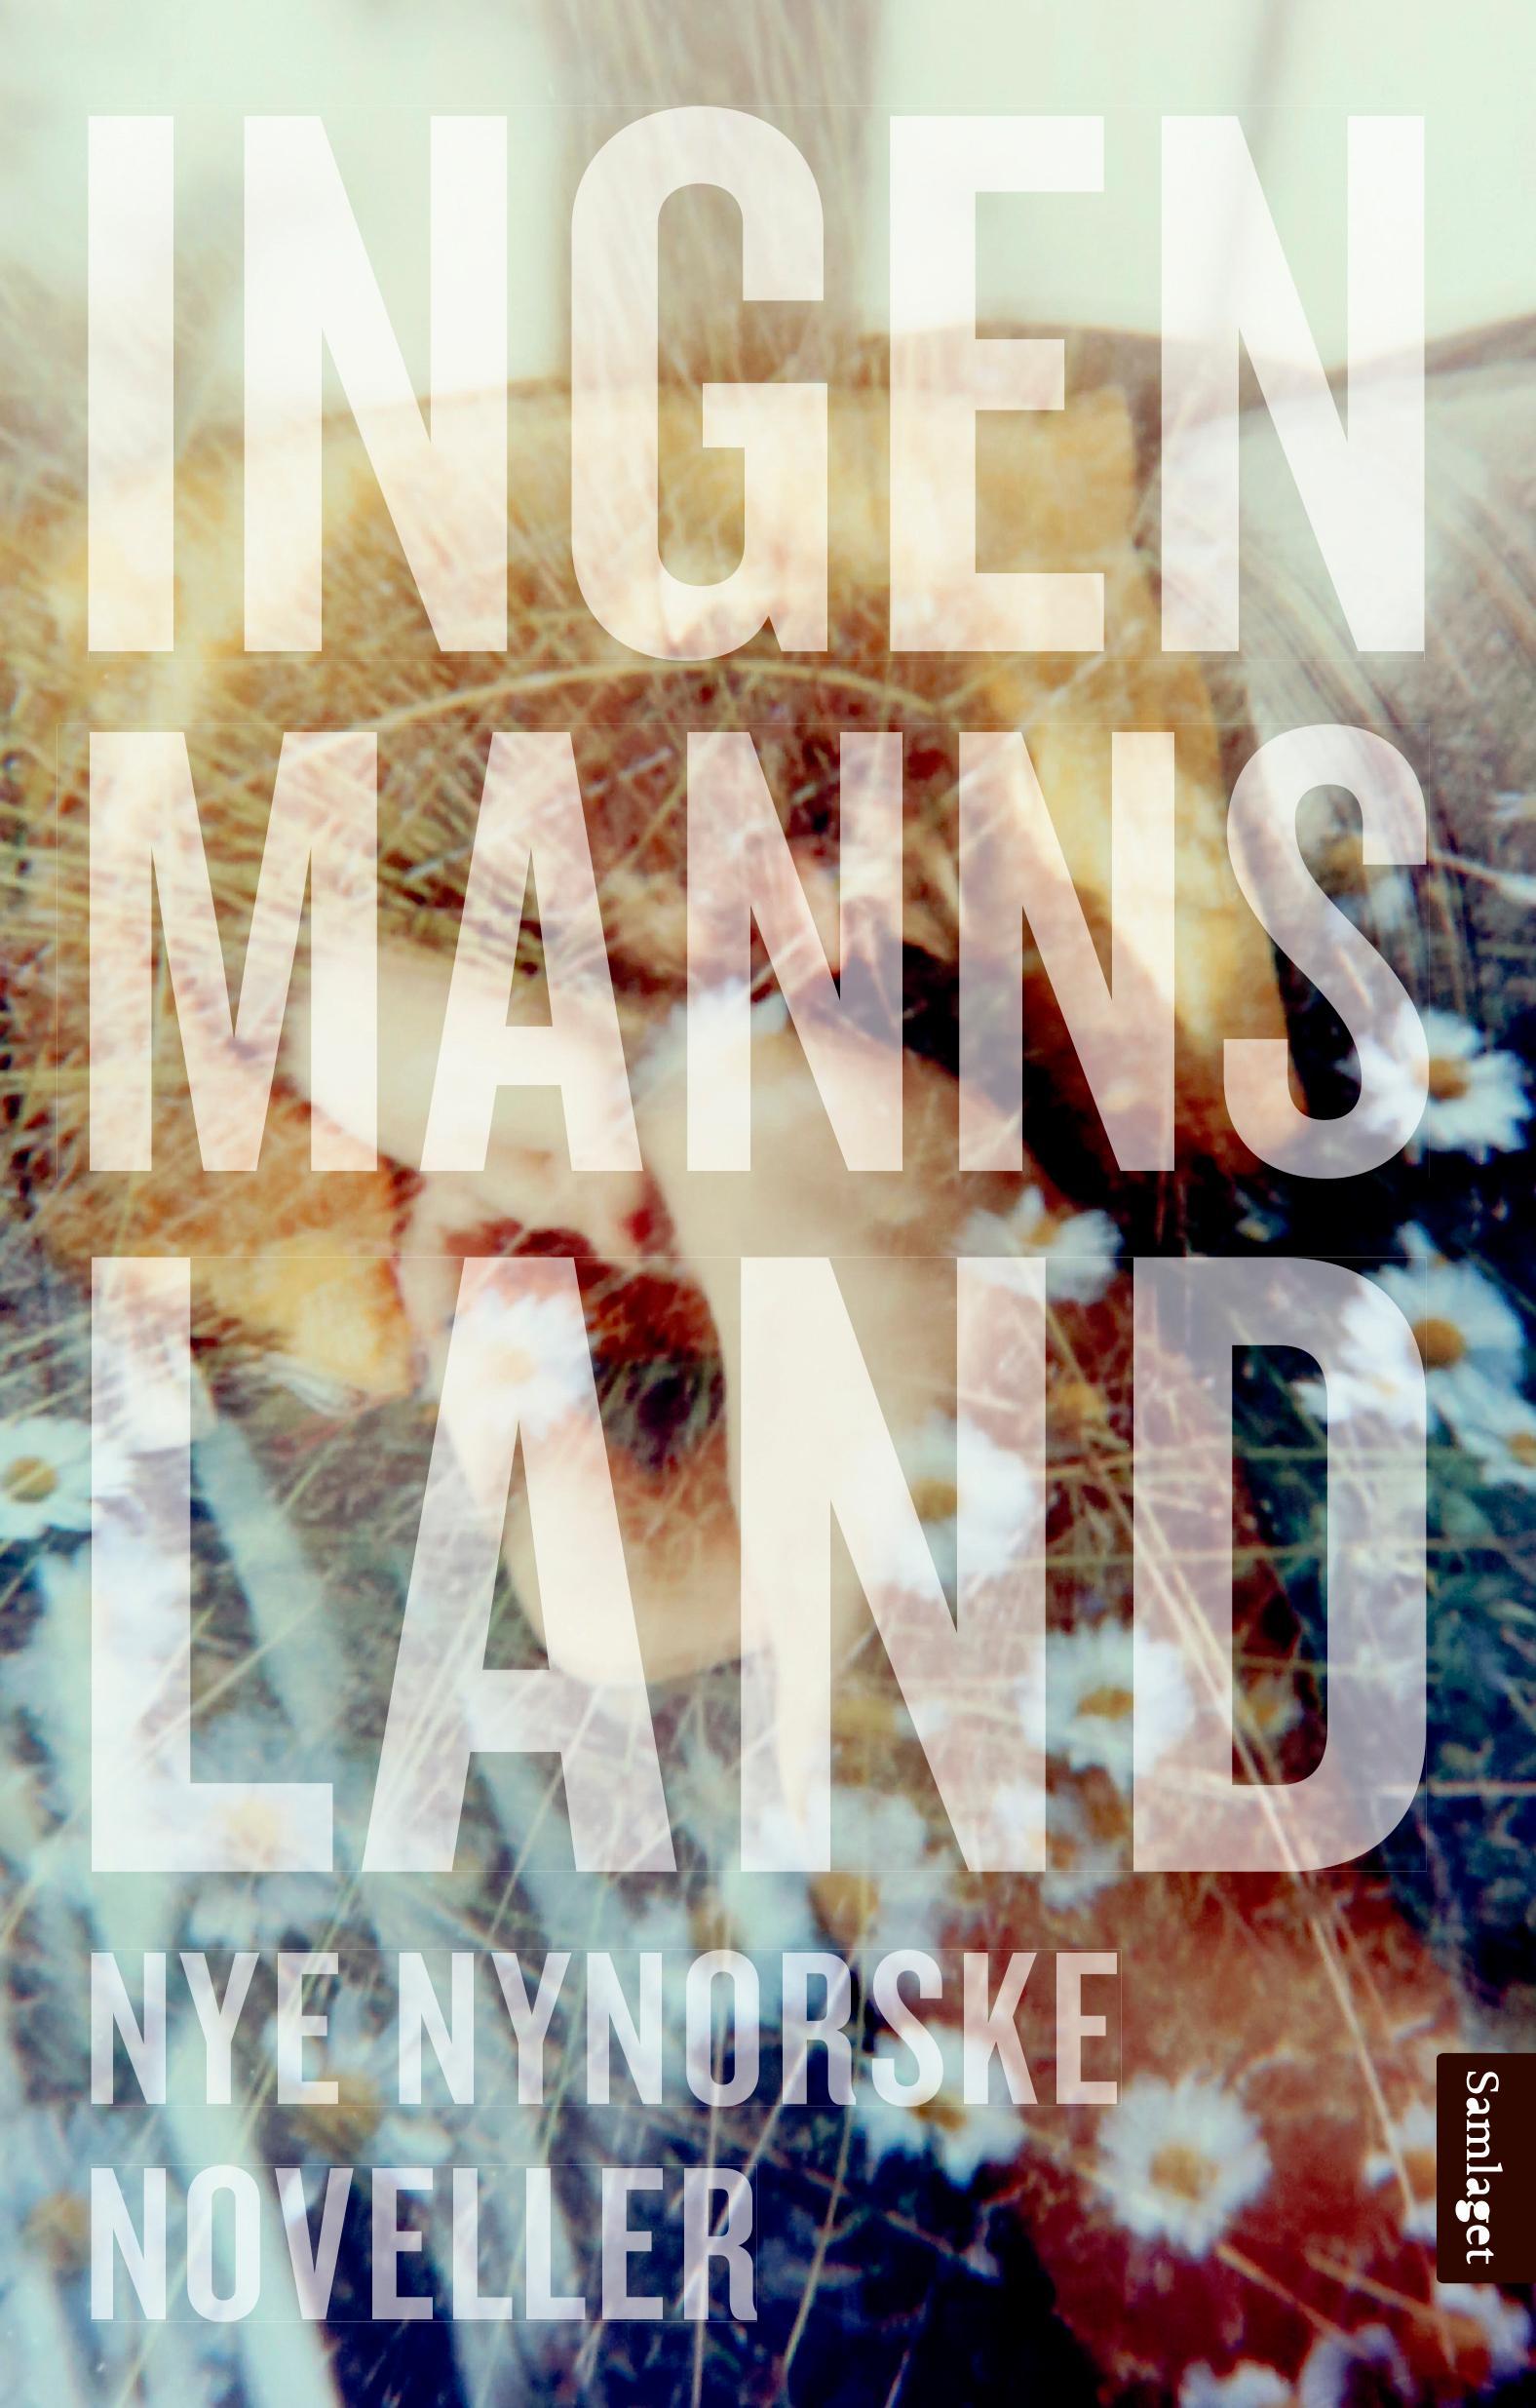 Ingenmannsland : nye nynorske noveller